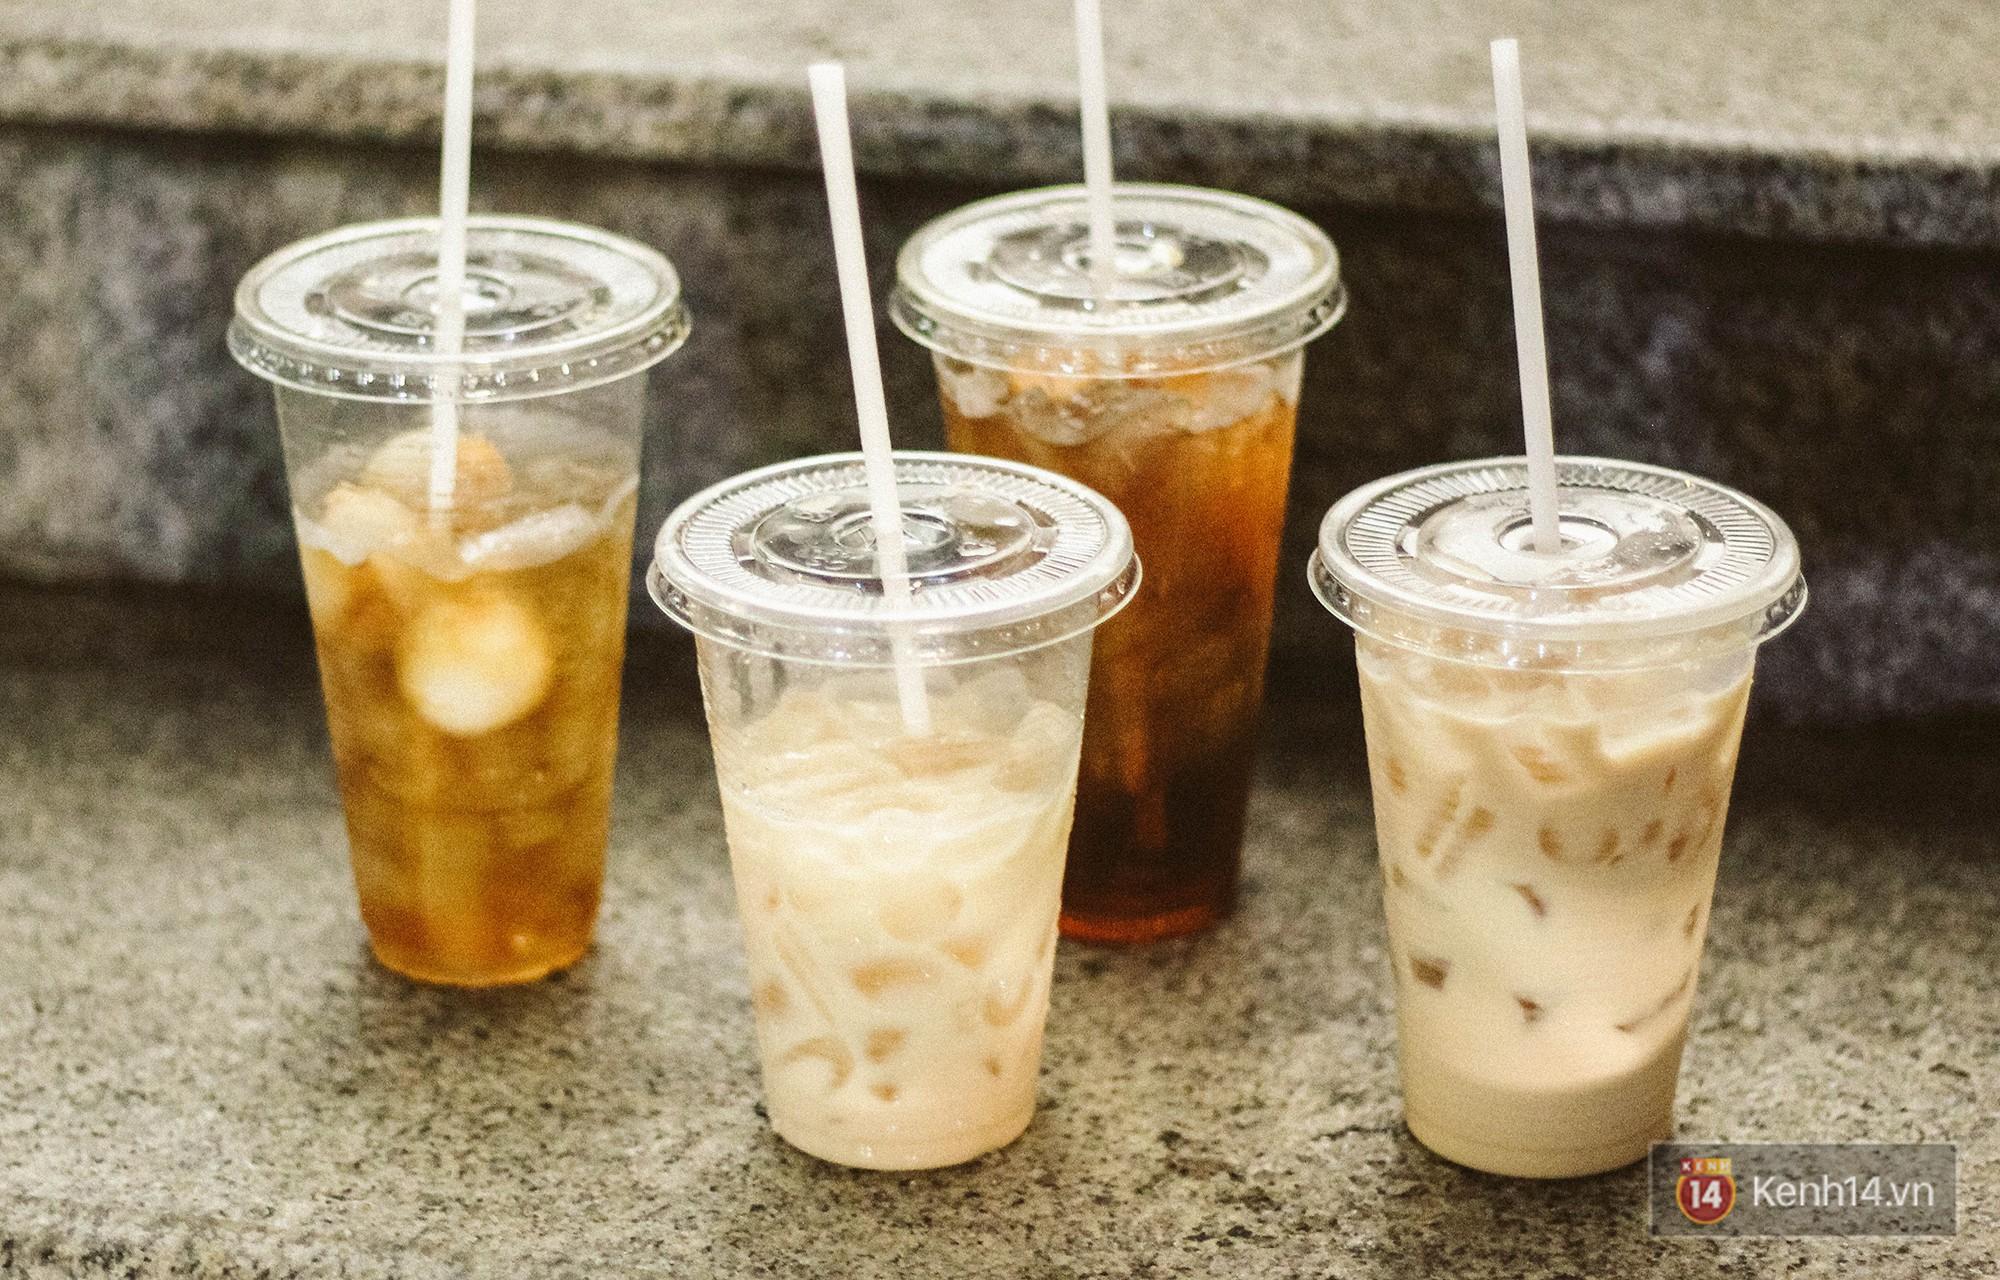 Dù chỉ là trà sữa ven đường nhưng các hàng này ở Sài Gòn lại hút khách hơn cả những thương hiệu lớn - Ảnh 6.